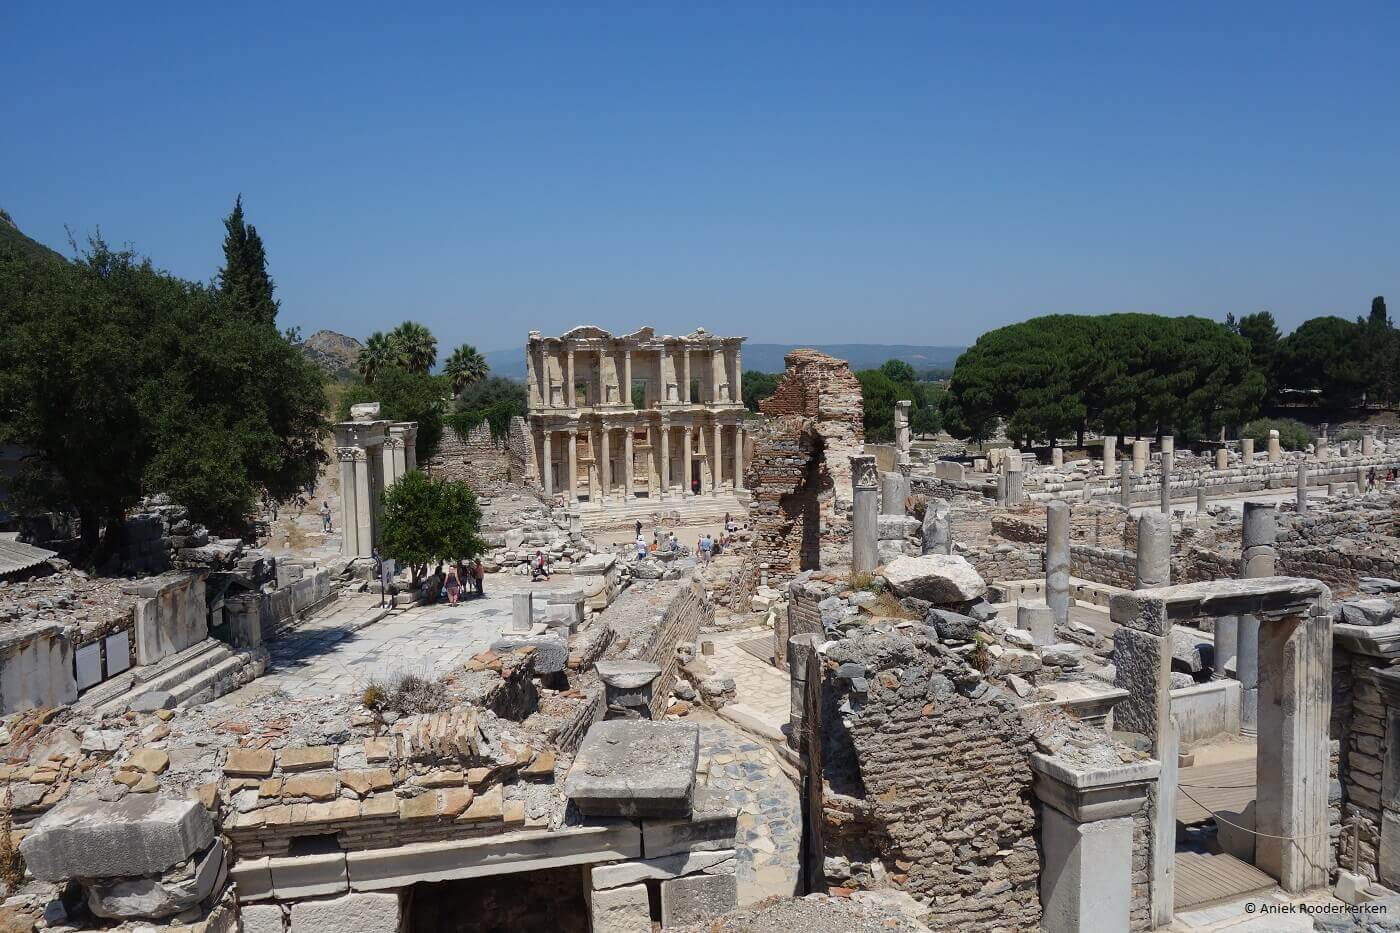 Archeologische opgravingen van Efeze: UNESCO werelderfgoed in Turkije